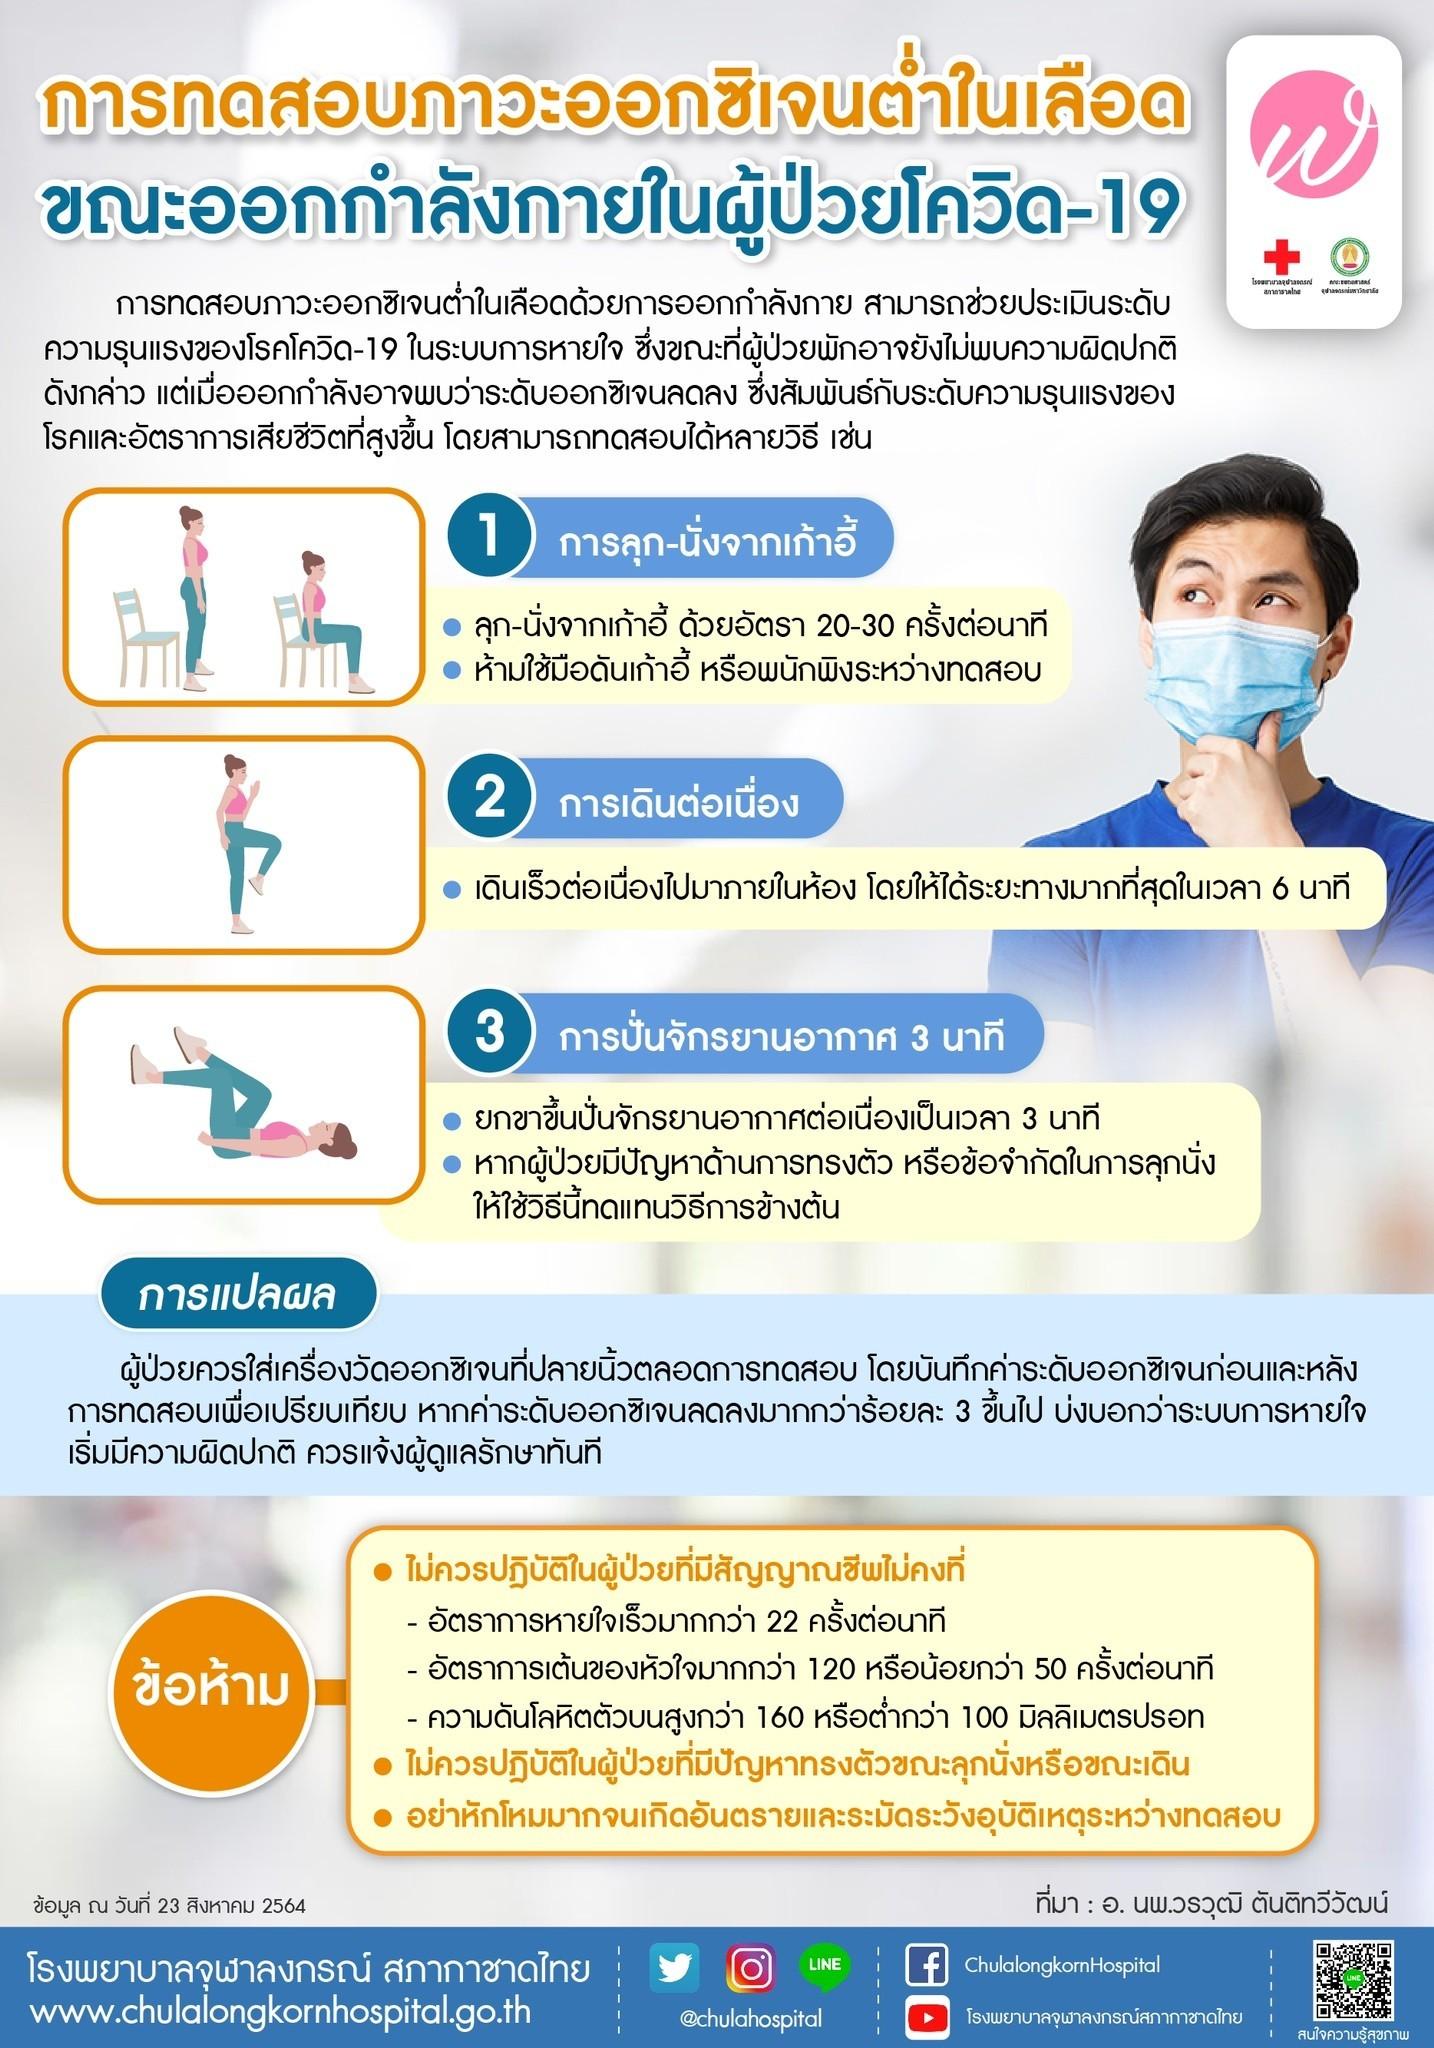 การทดสอบภาวะออกซิเจนต่ำในเลือดขณะออกกำลังกายในผู้ป่วยโควิด-19